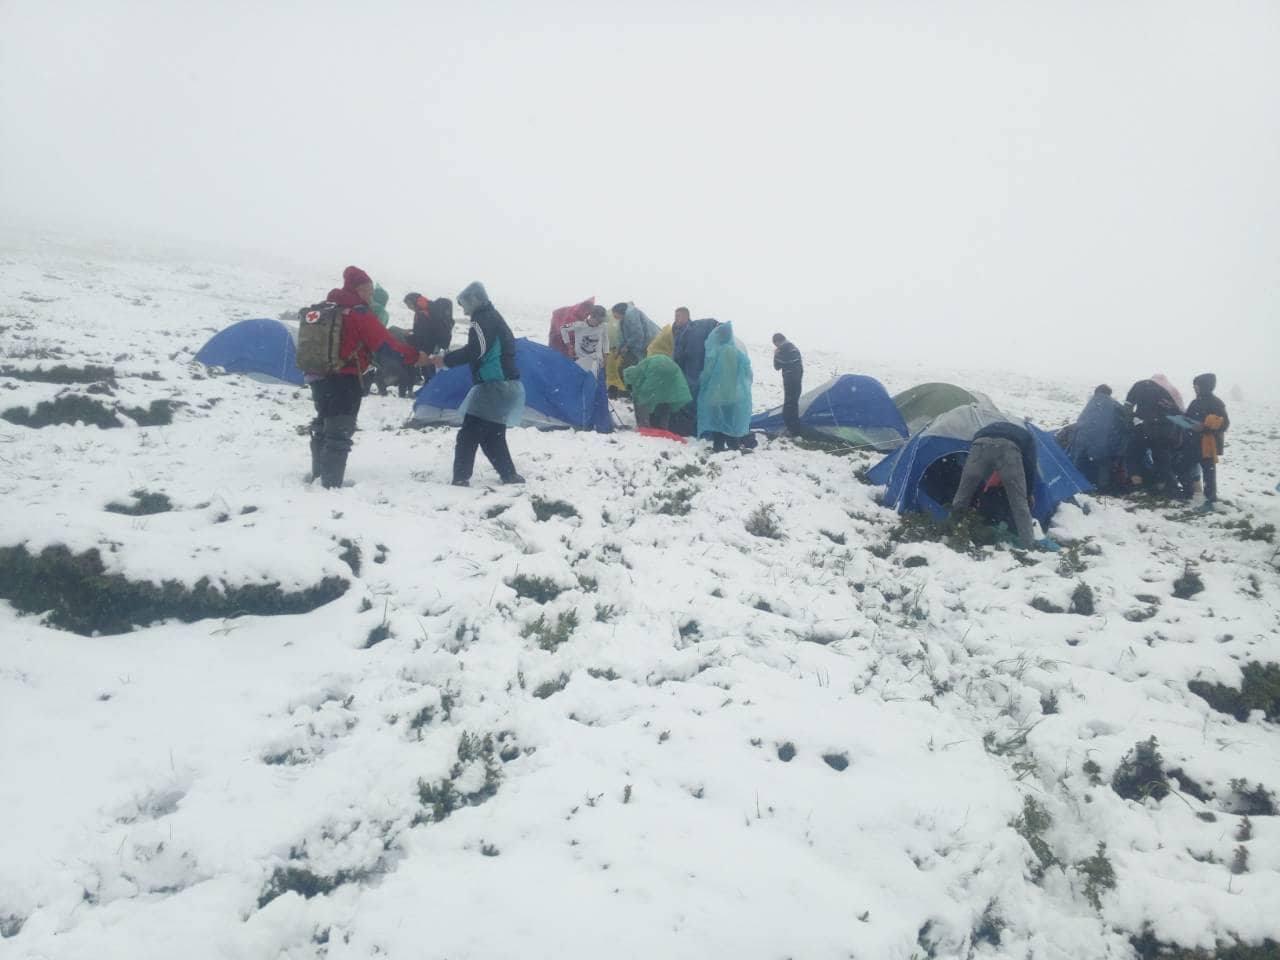 детский лагерь в горах